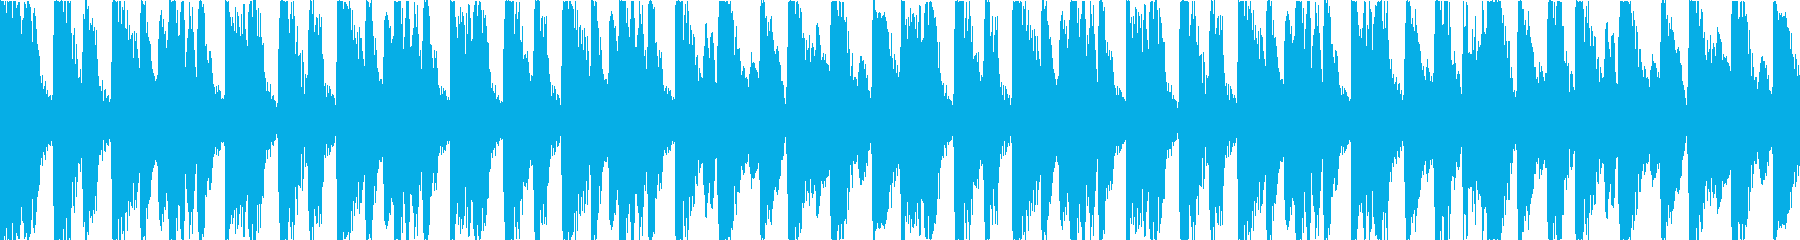 【ループA】ゴキゲンなスウィングをダンスの再生済みの波形